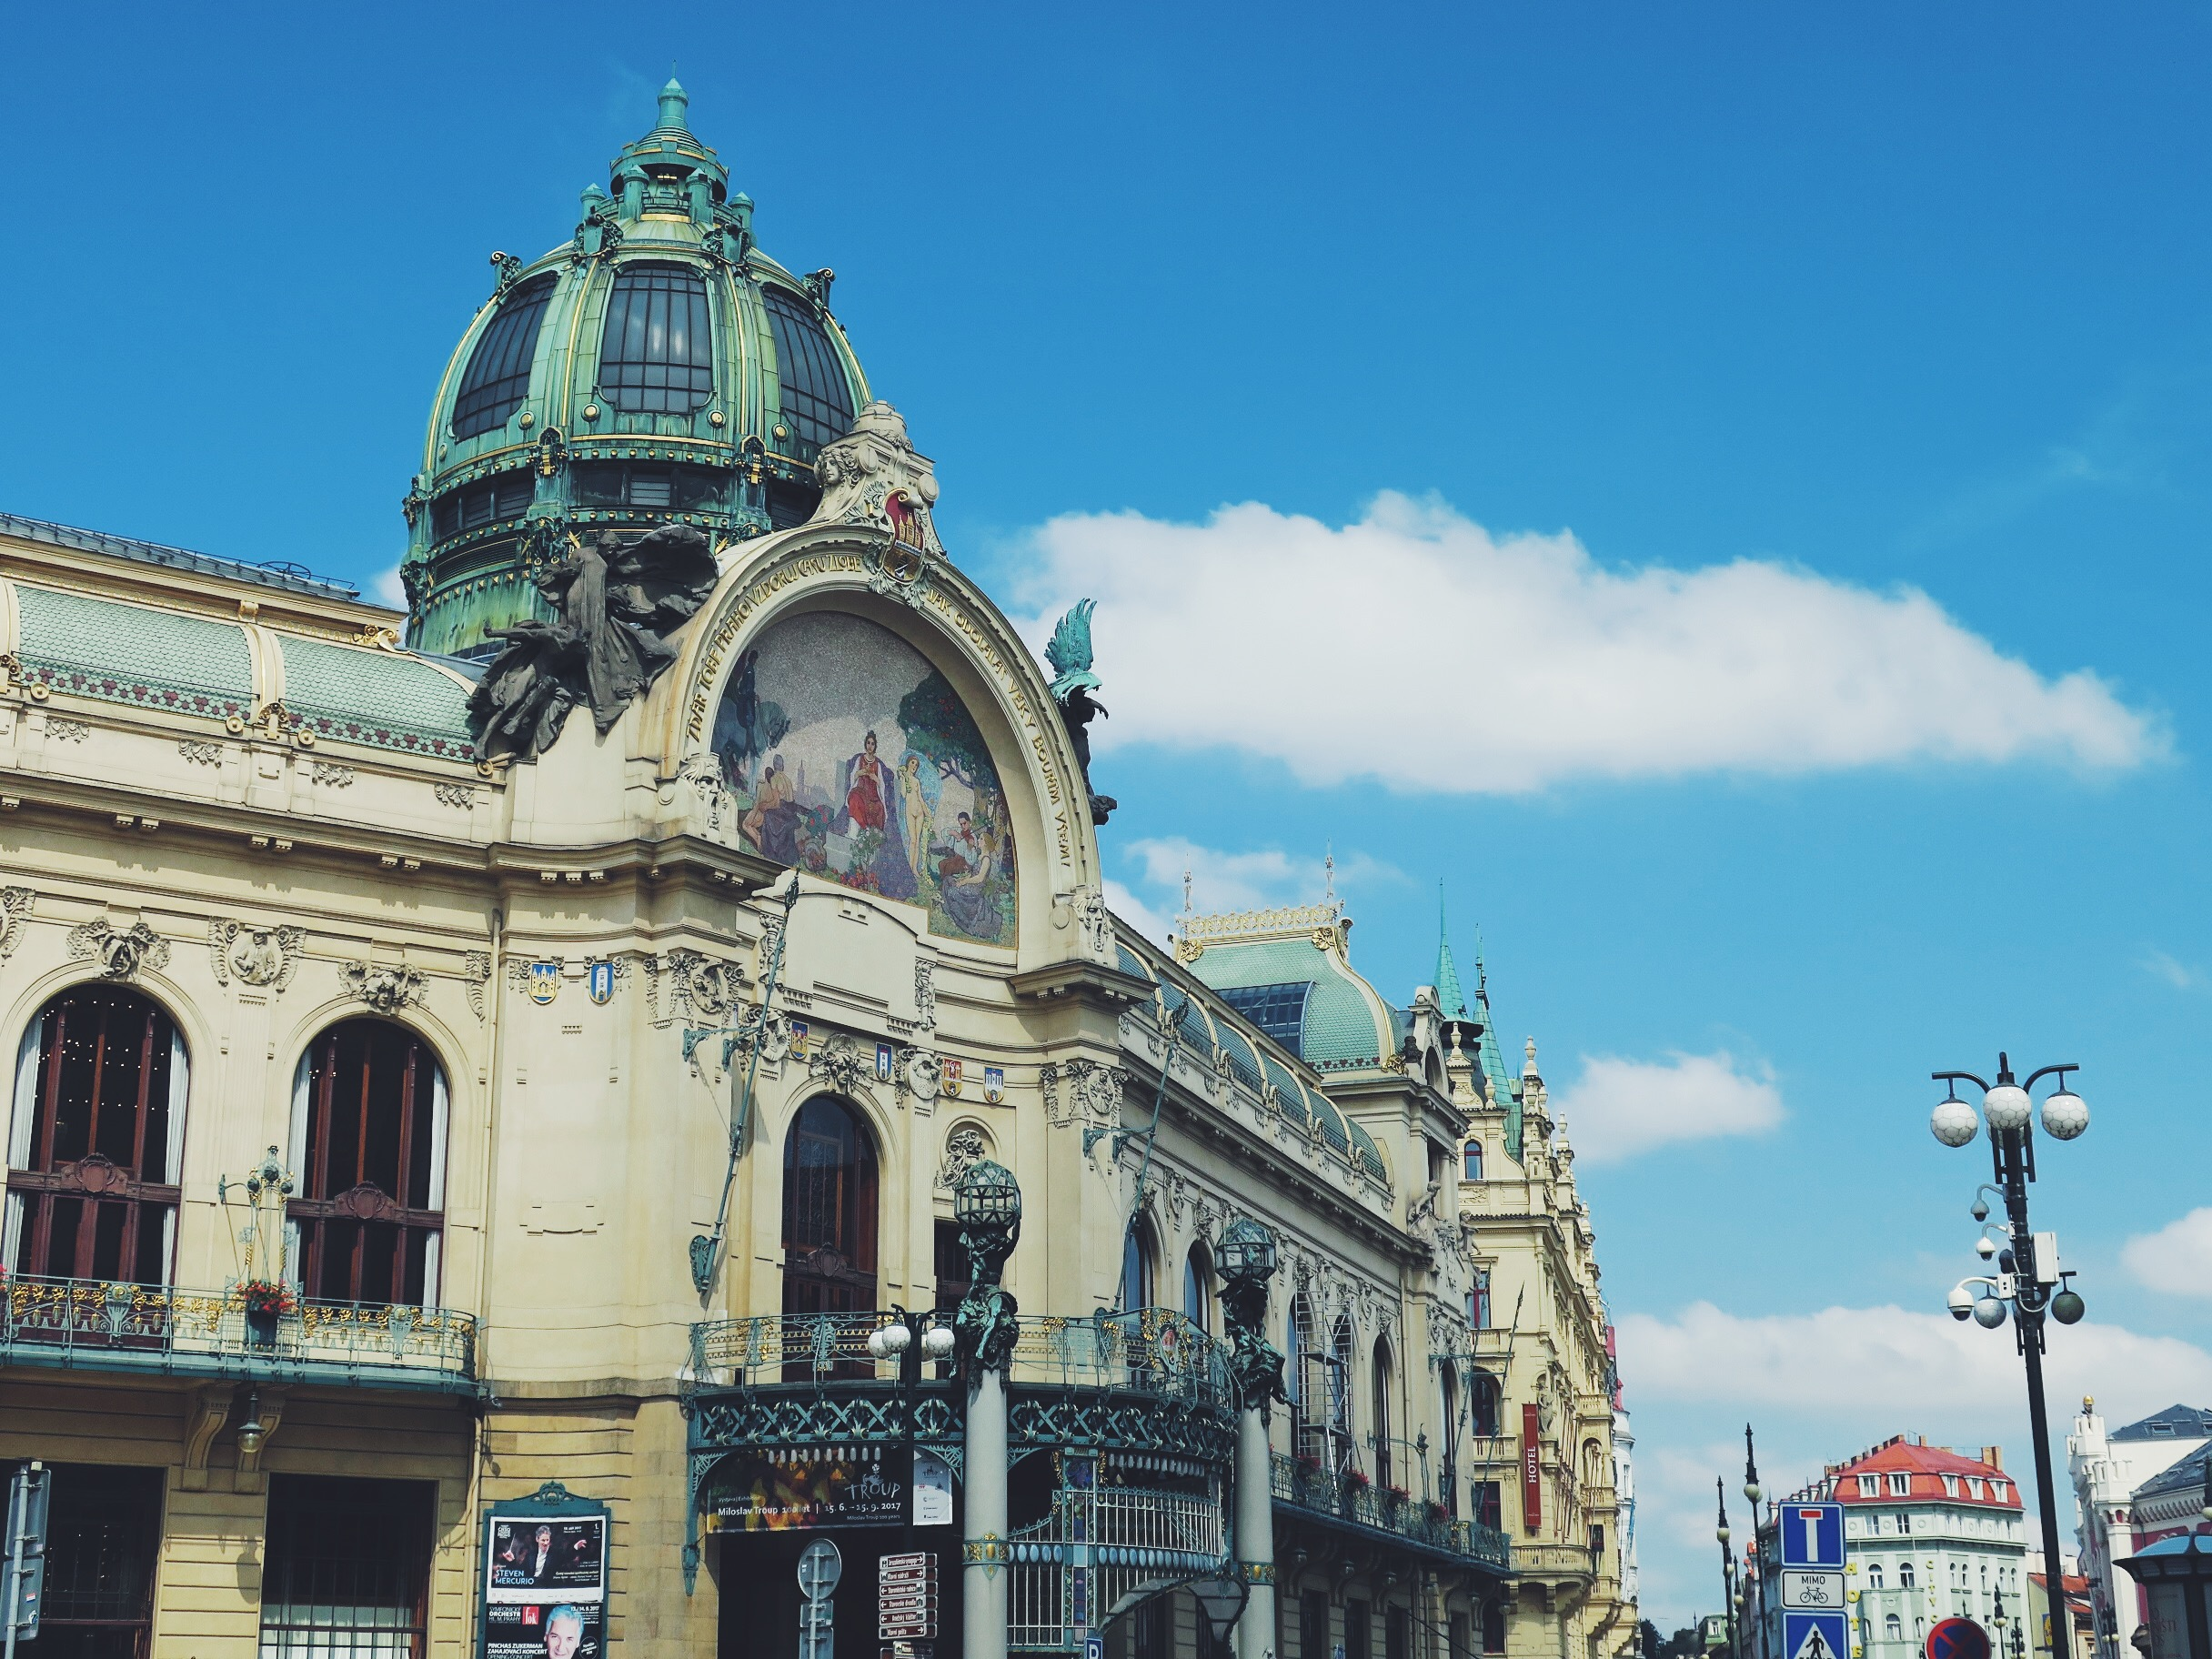 The Municipal House